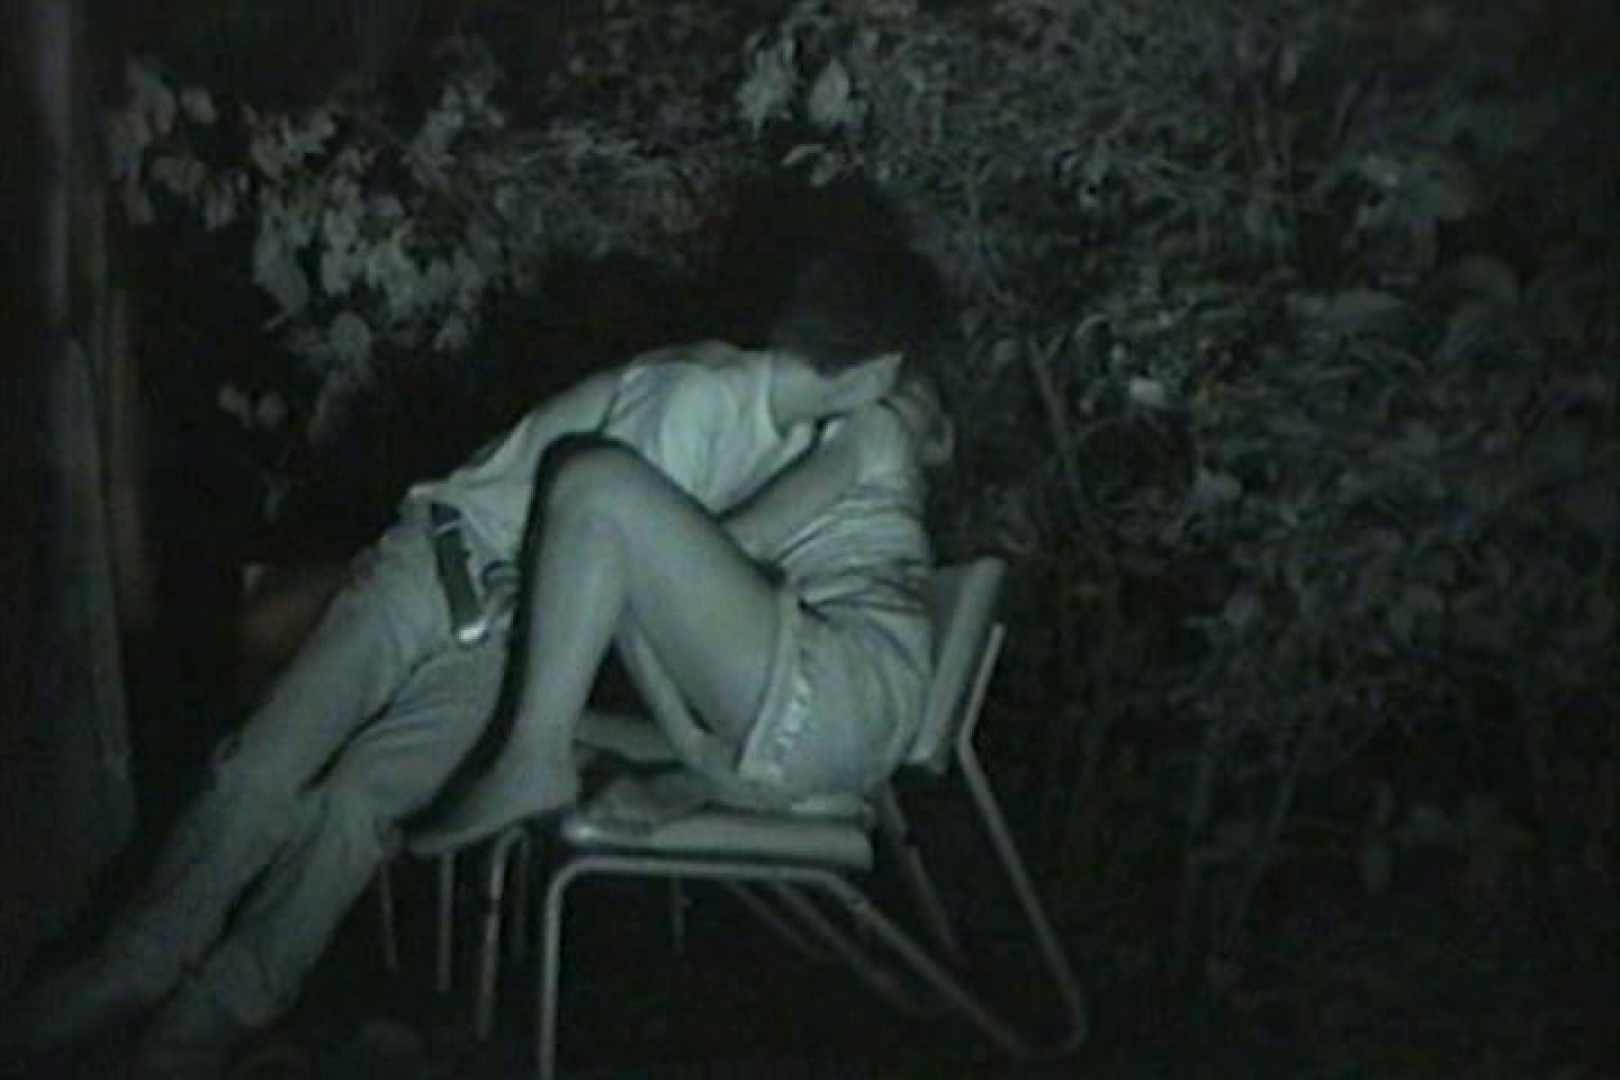 闇の仕掛け人 無修正版 Vol.25 美しいOLの裸体  102pic 14